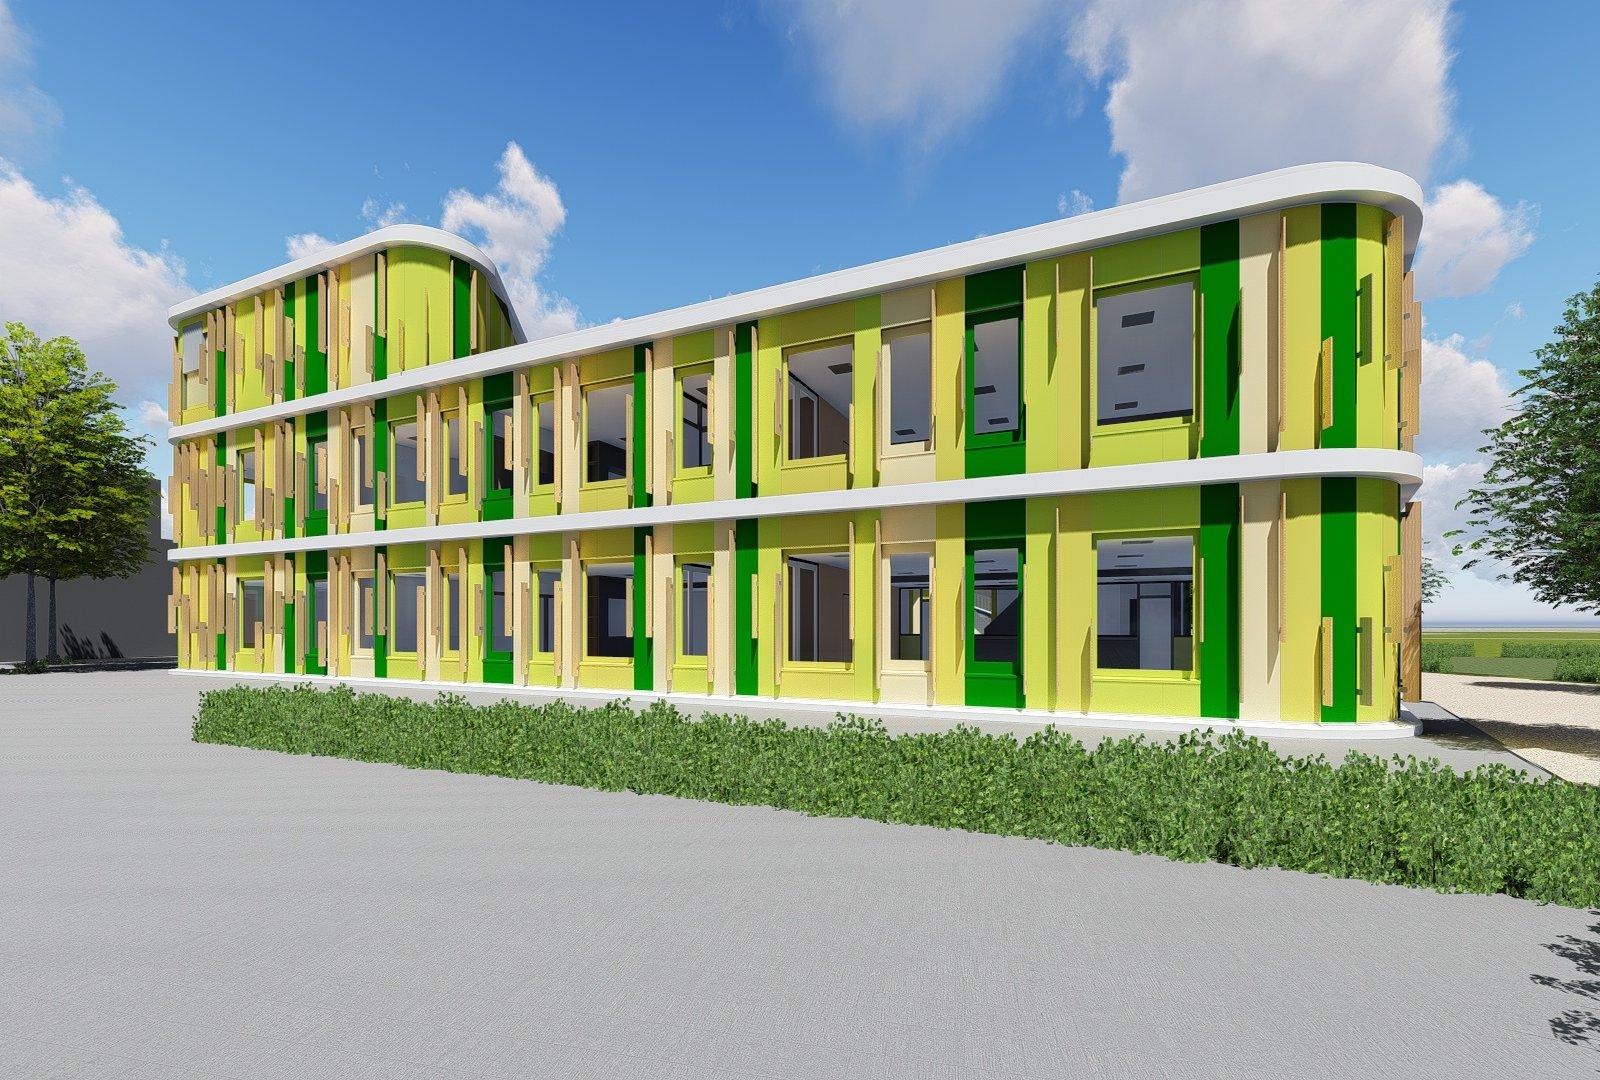 Basisschool de Odyssee